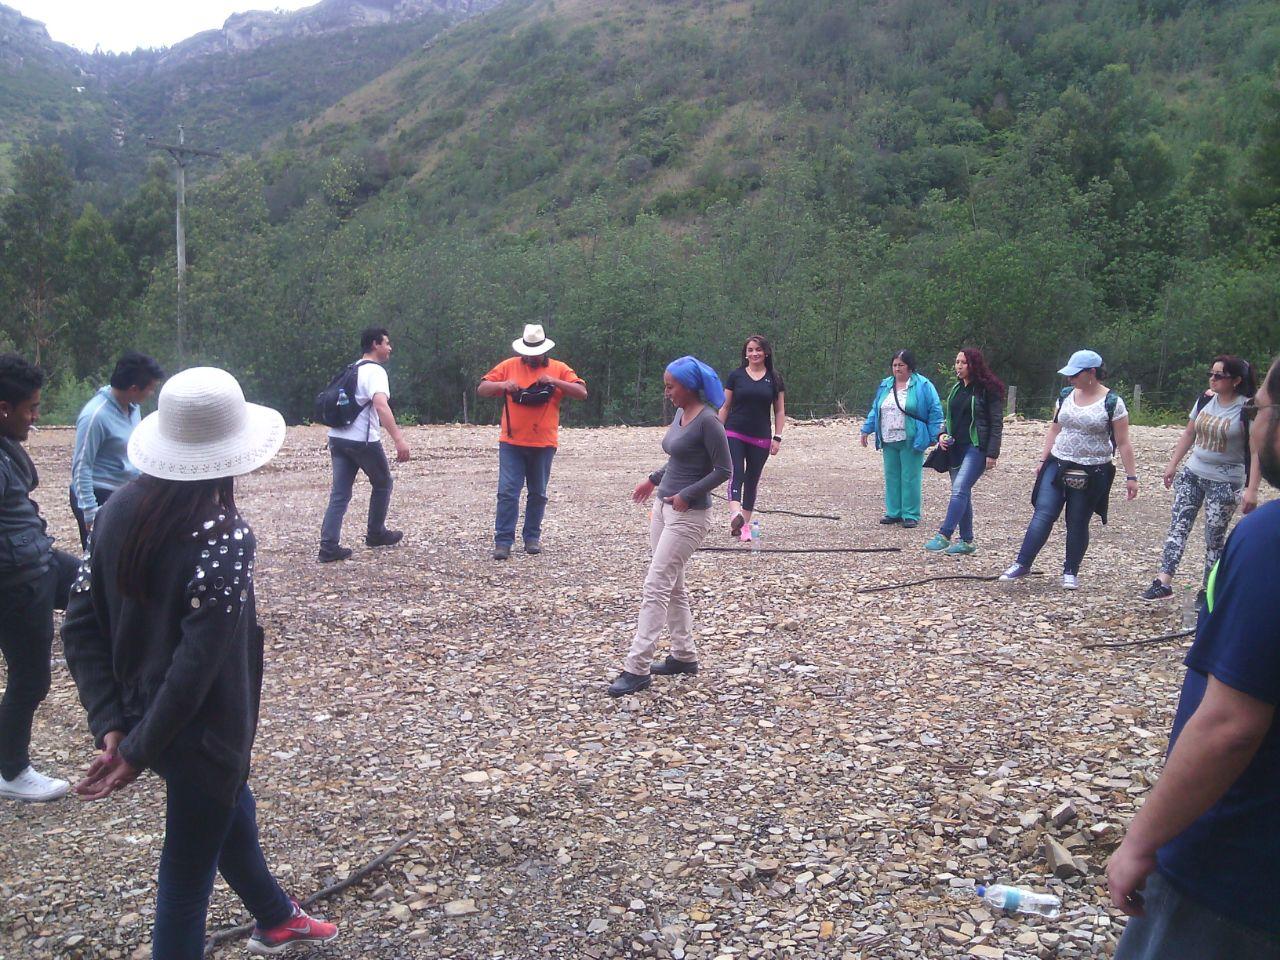 Caminata Sutautausa - Caminatas ecológicas